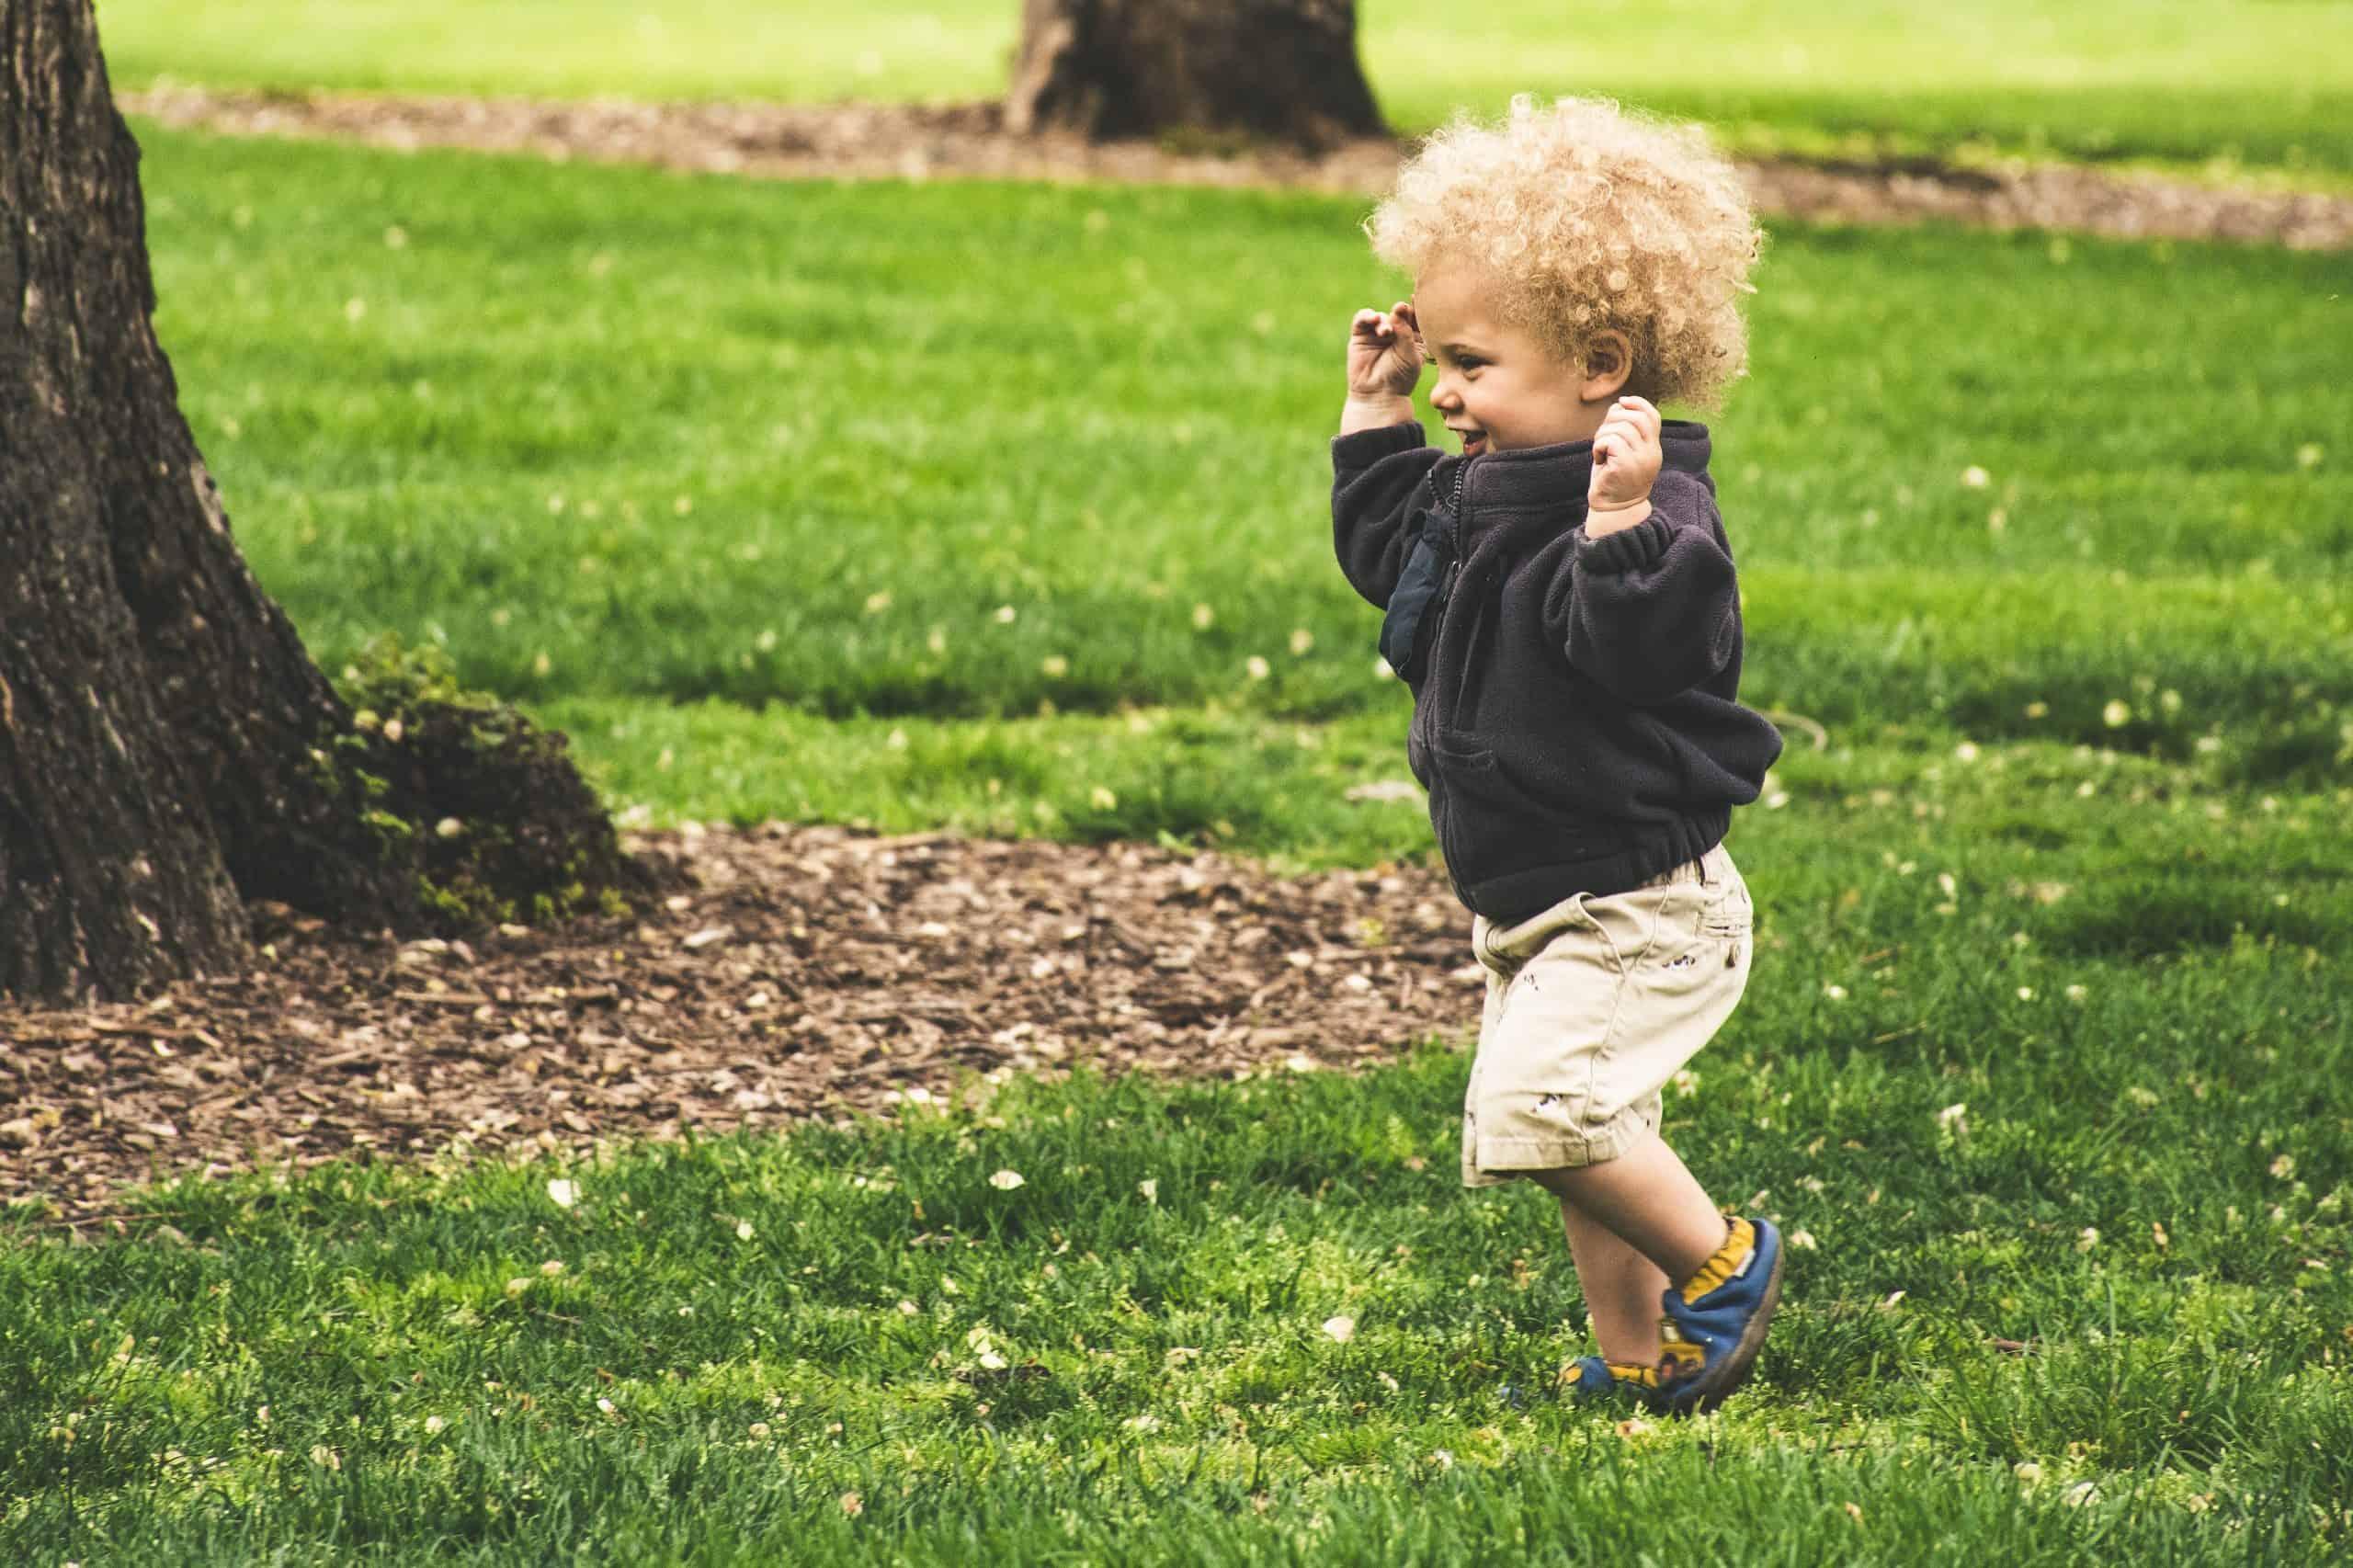 Objetivo enseñar mindfulness a los niños - cocotips